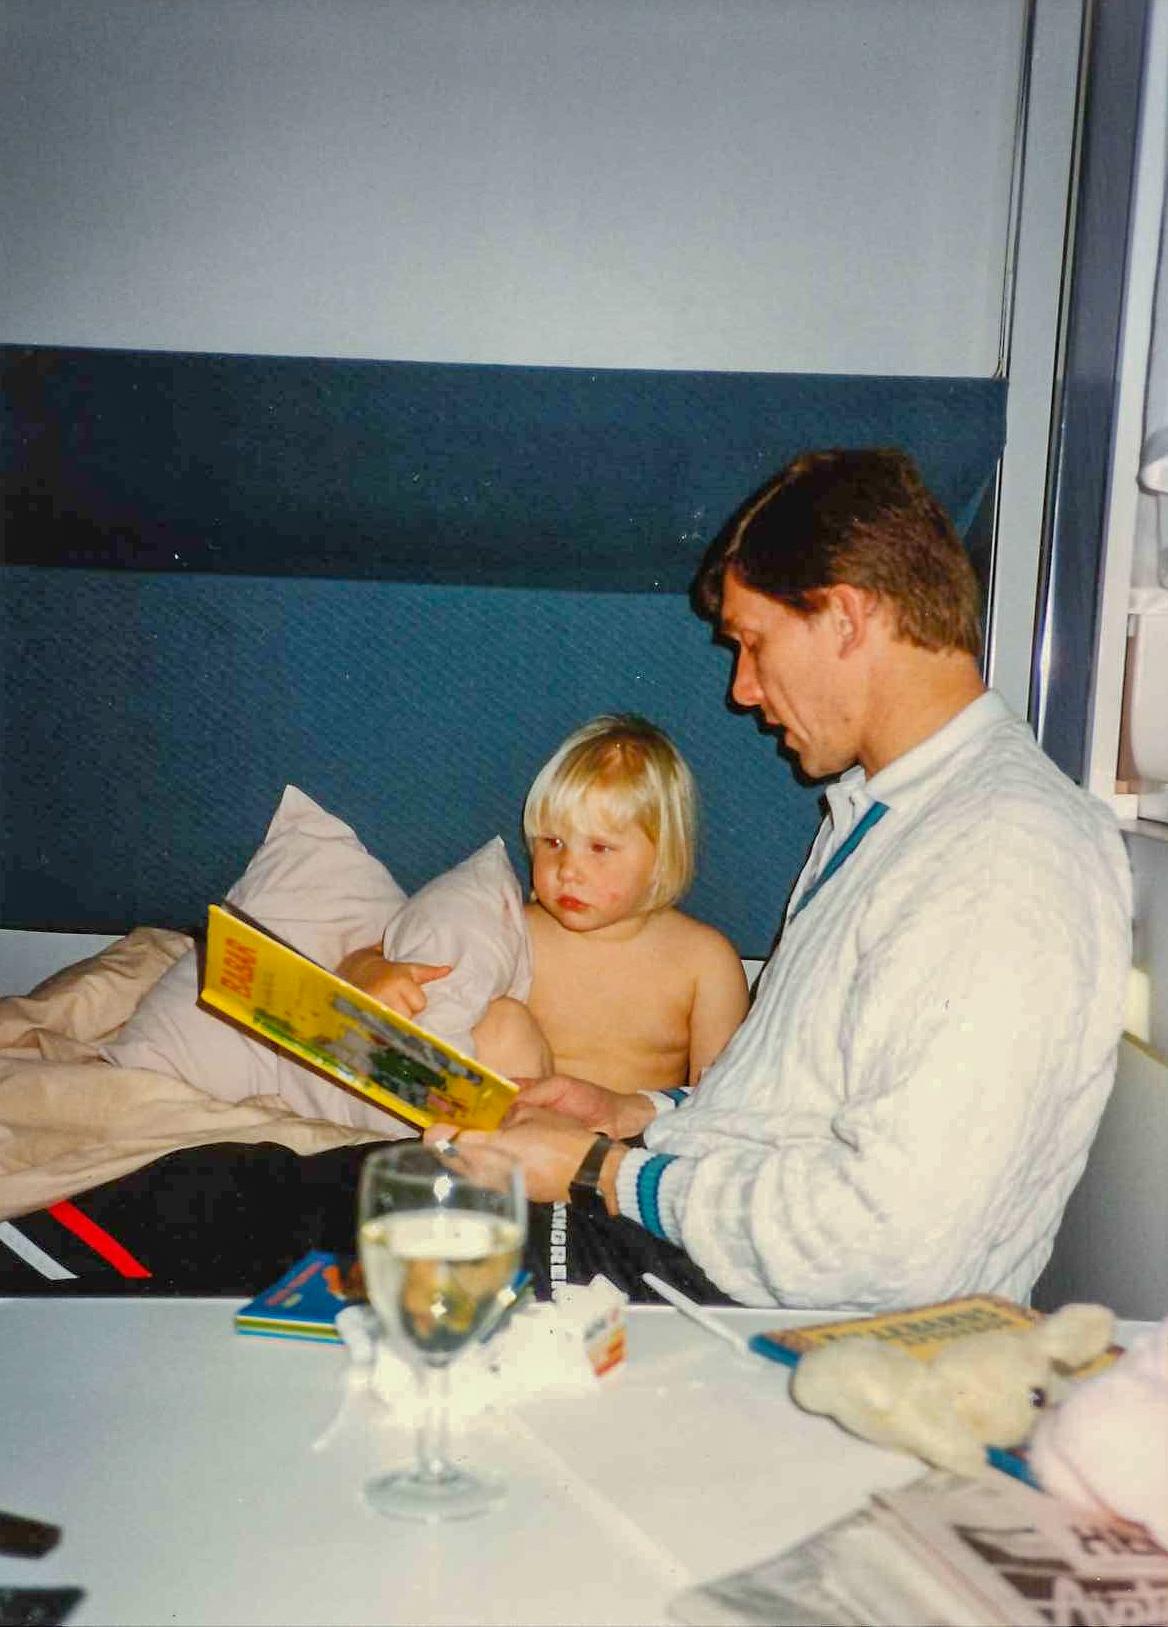 Jag tror det här är på en båt. Pappa och jag och en bok. Så klart.